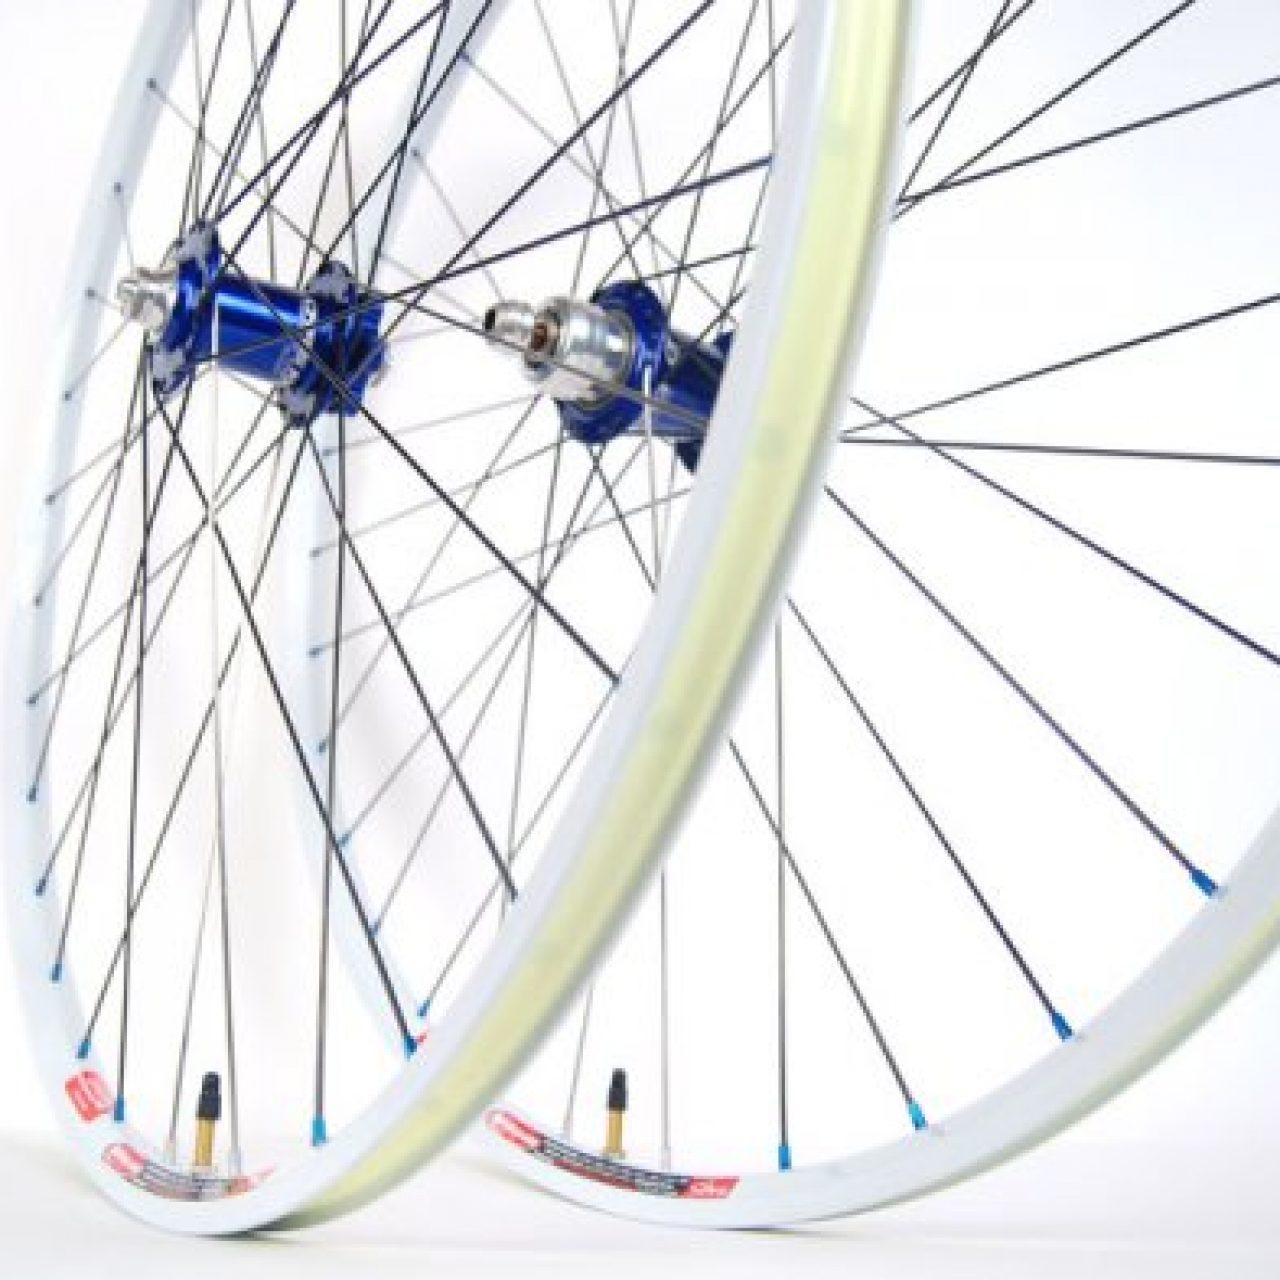 The Great Bike Debate 26 Inch Wheels Vs 29er Maya Cycle